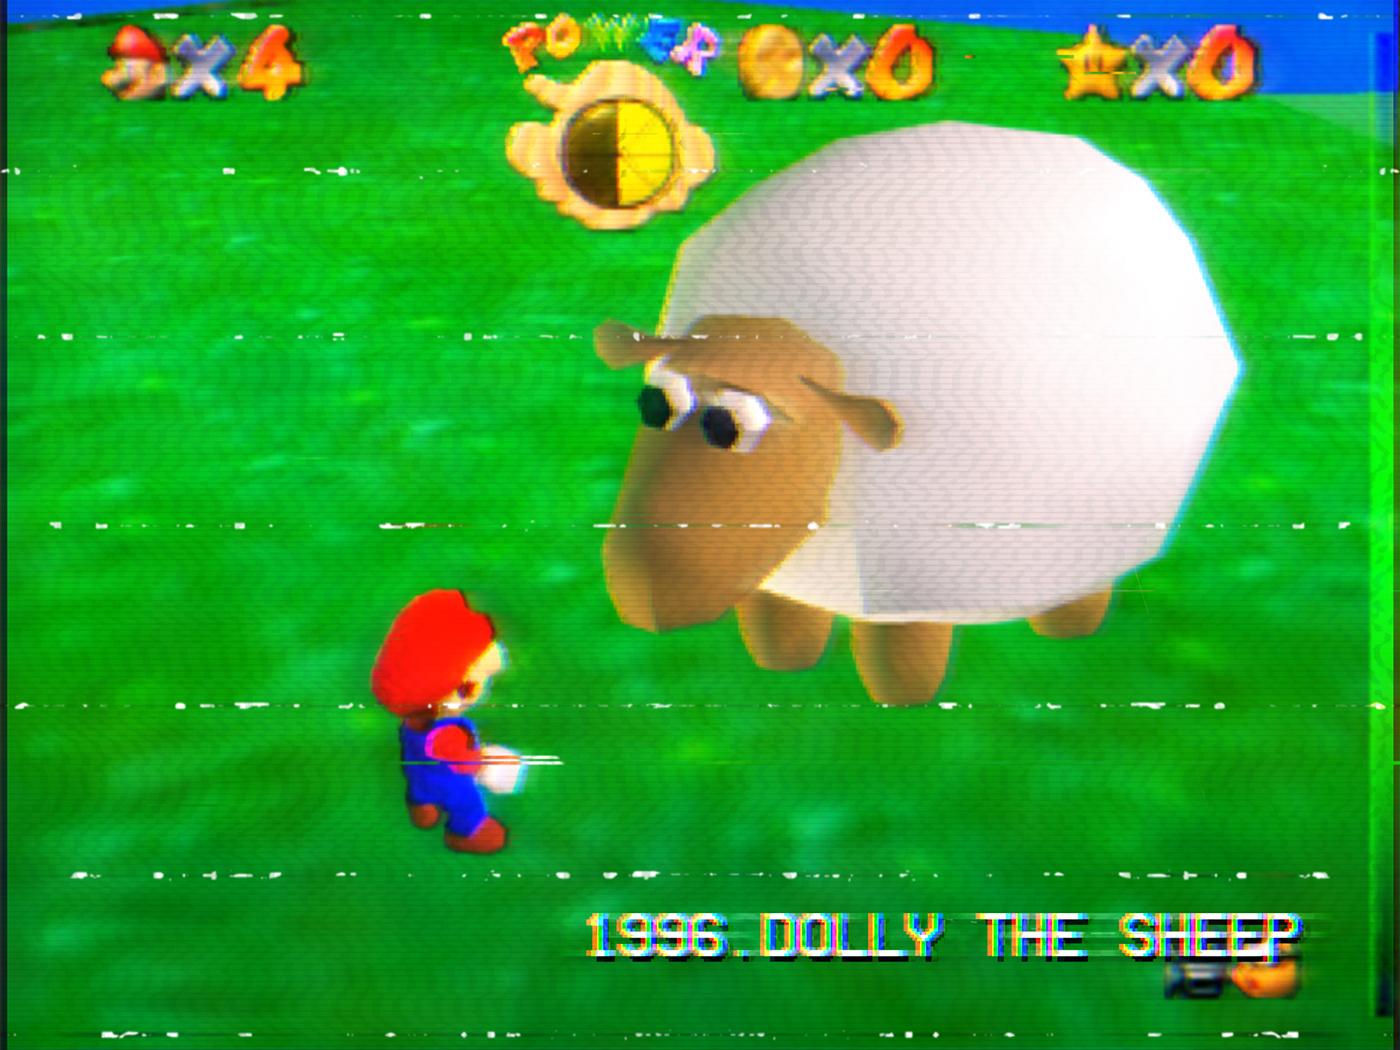 mario bros 30 anos de historia do game21 - MarioBros um game com 30 anos de história